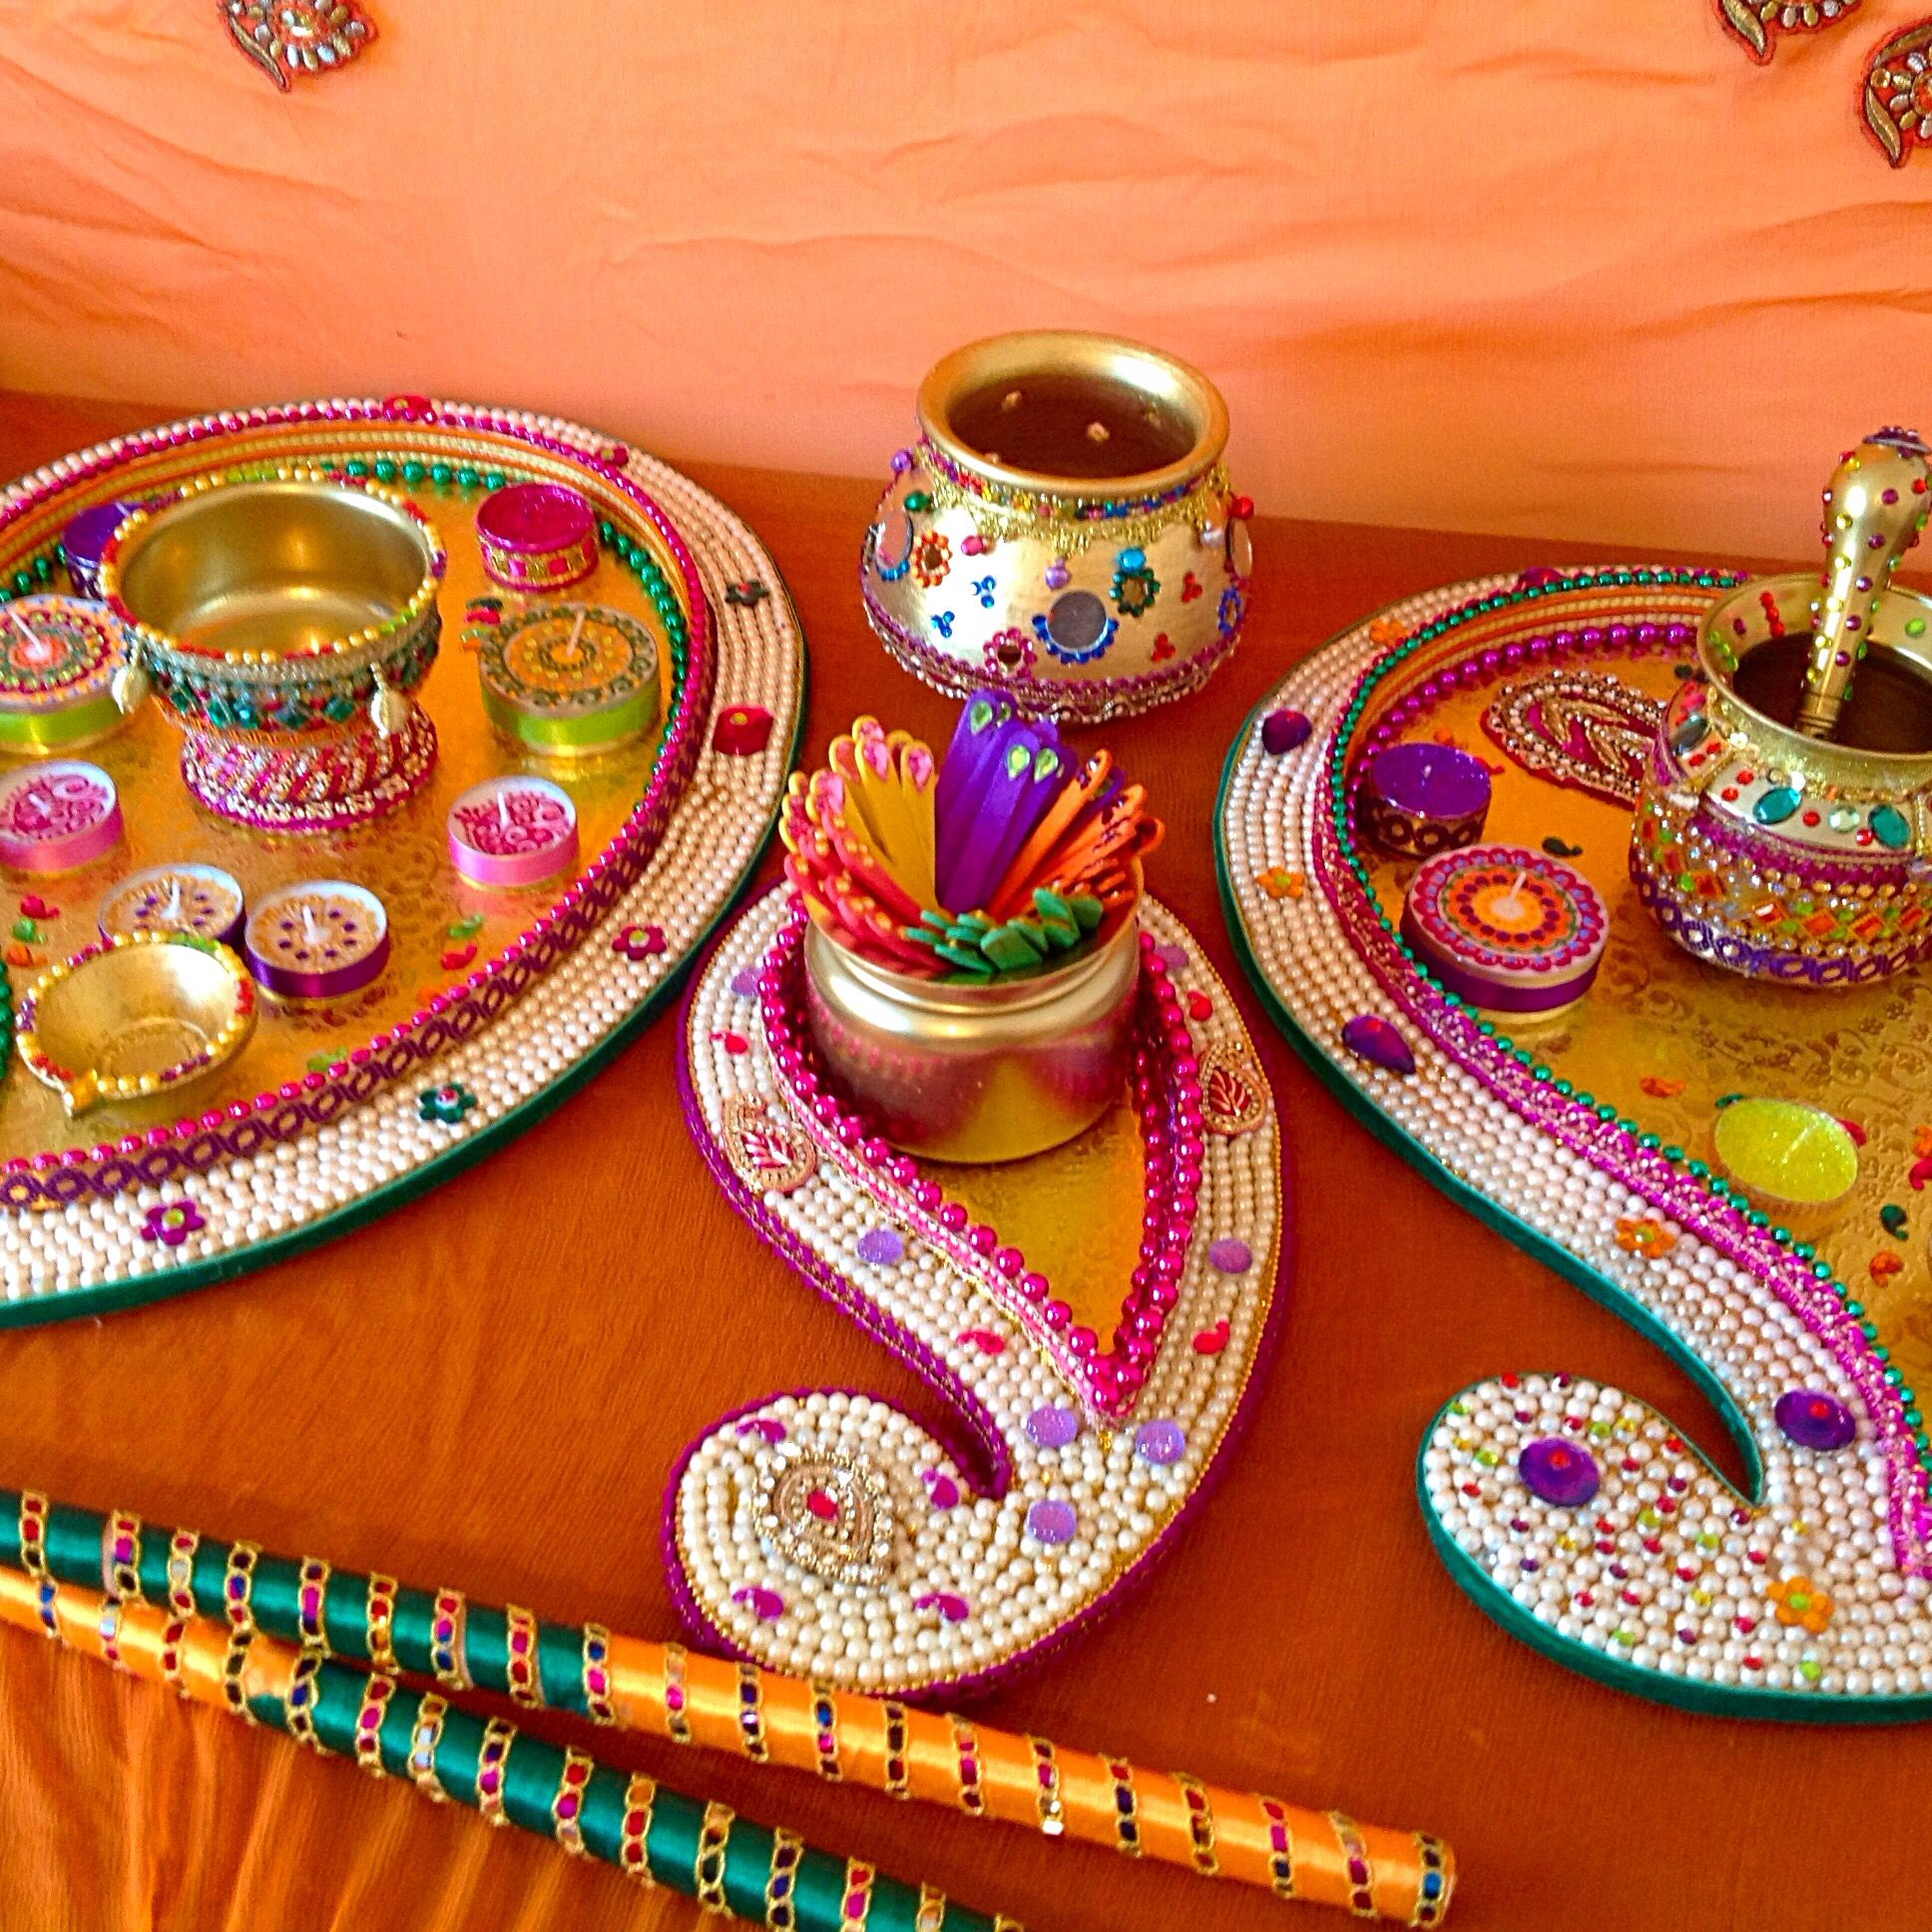 I Mehndi Decoration Plates : Beautiful large paisley shaped mehndi plate these are